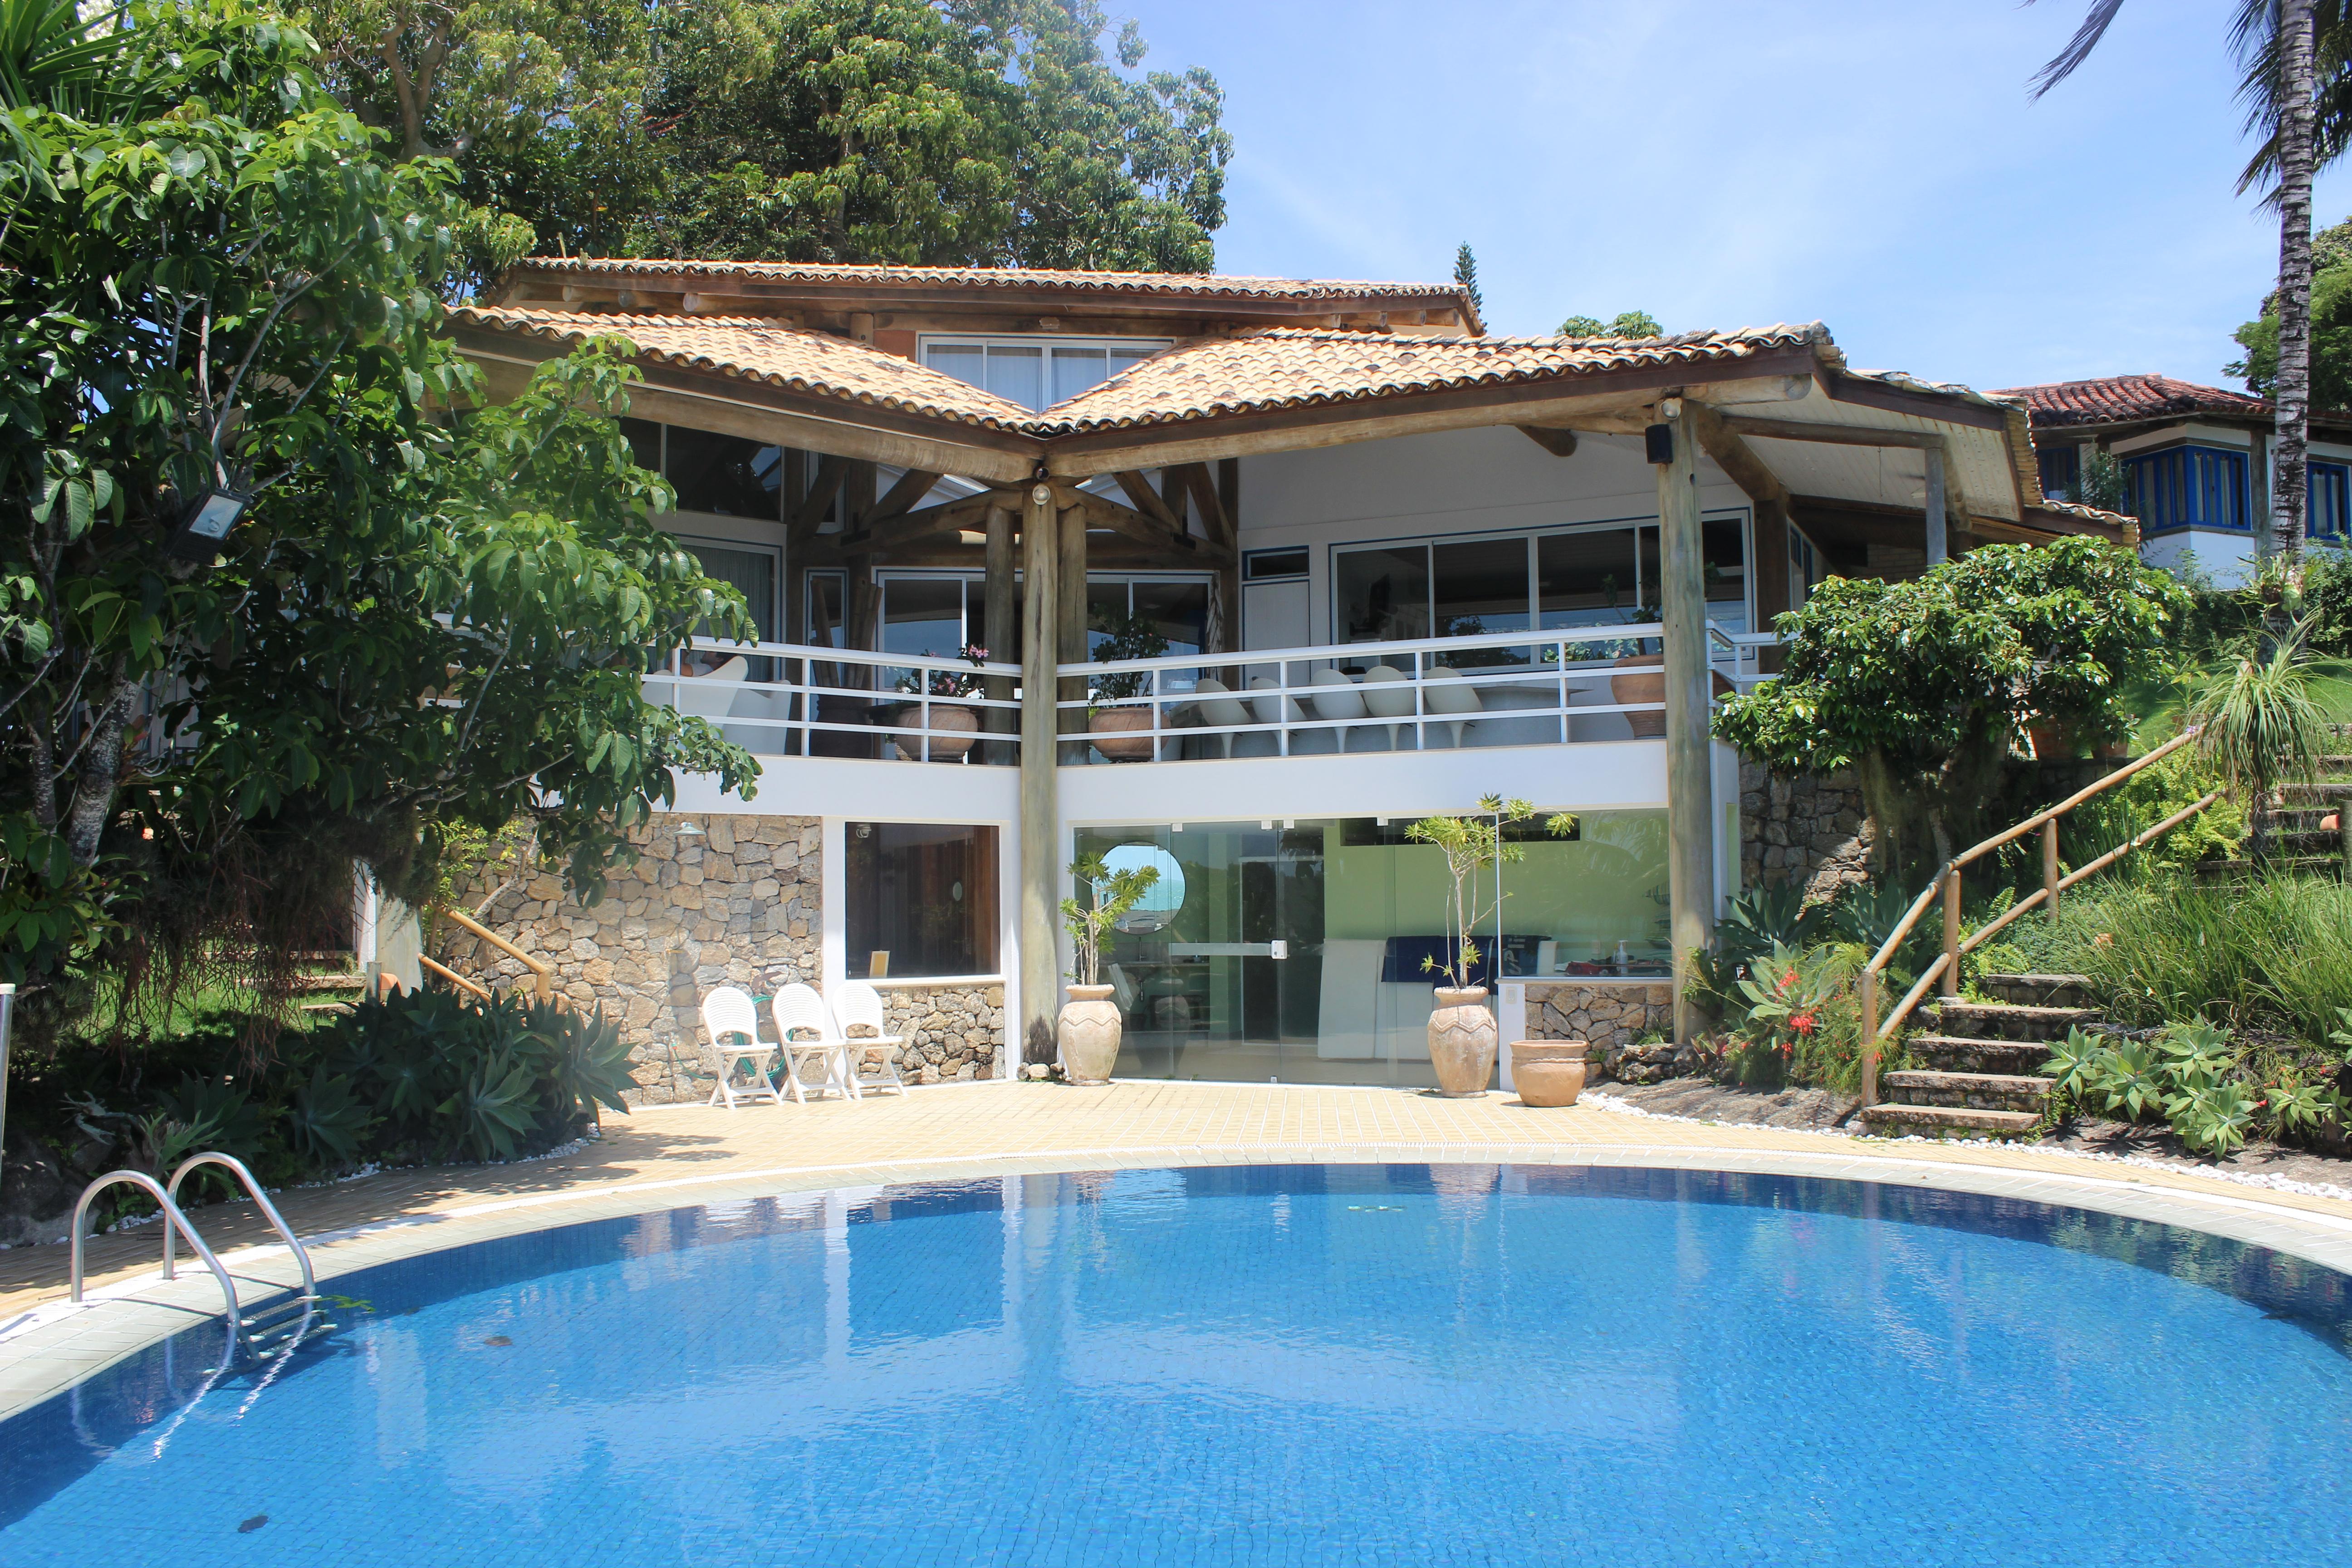 Construção Residencial - Guarapari